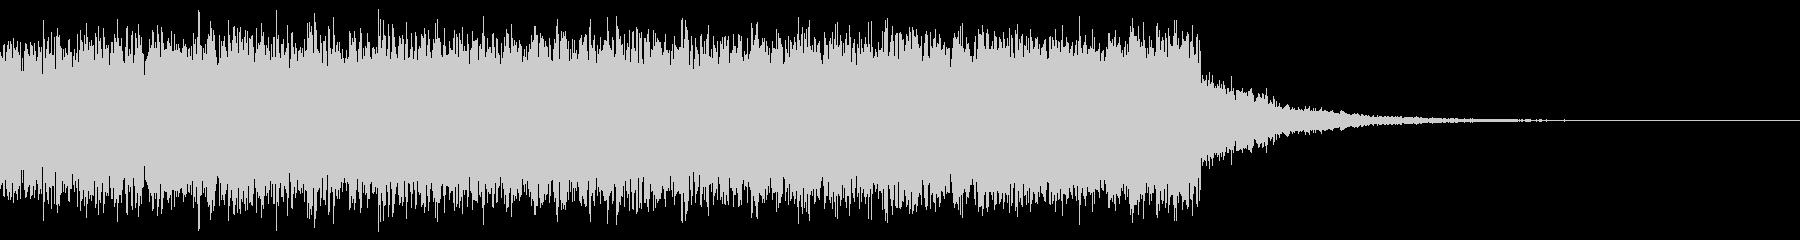 サイレンの音2の未再生の波形